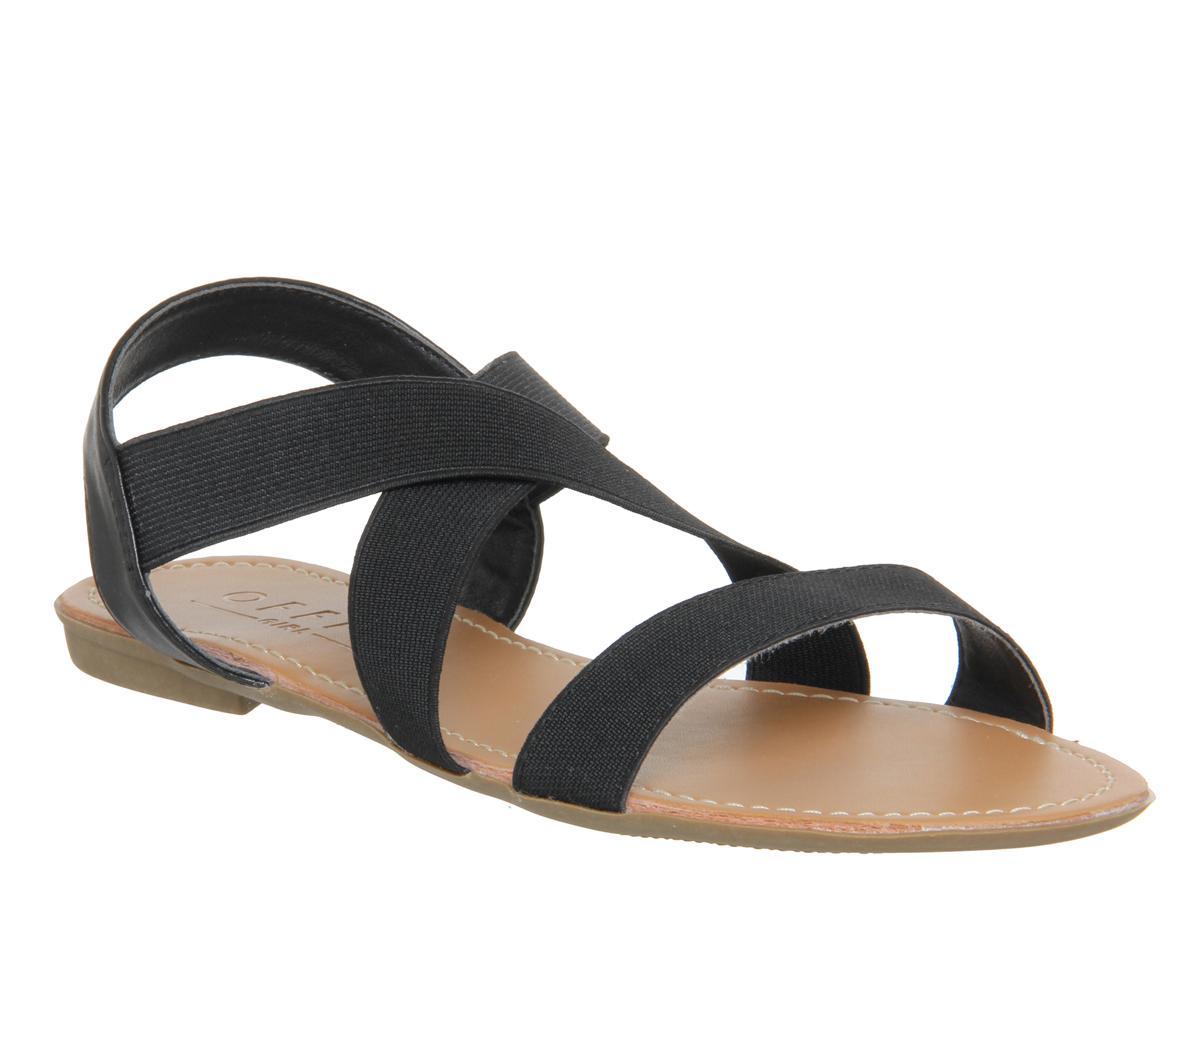 Orbit Elastic Strap Sandals